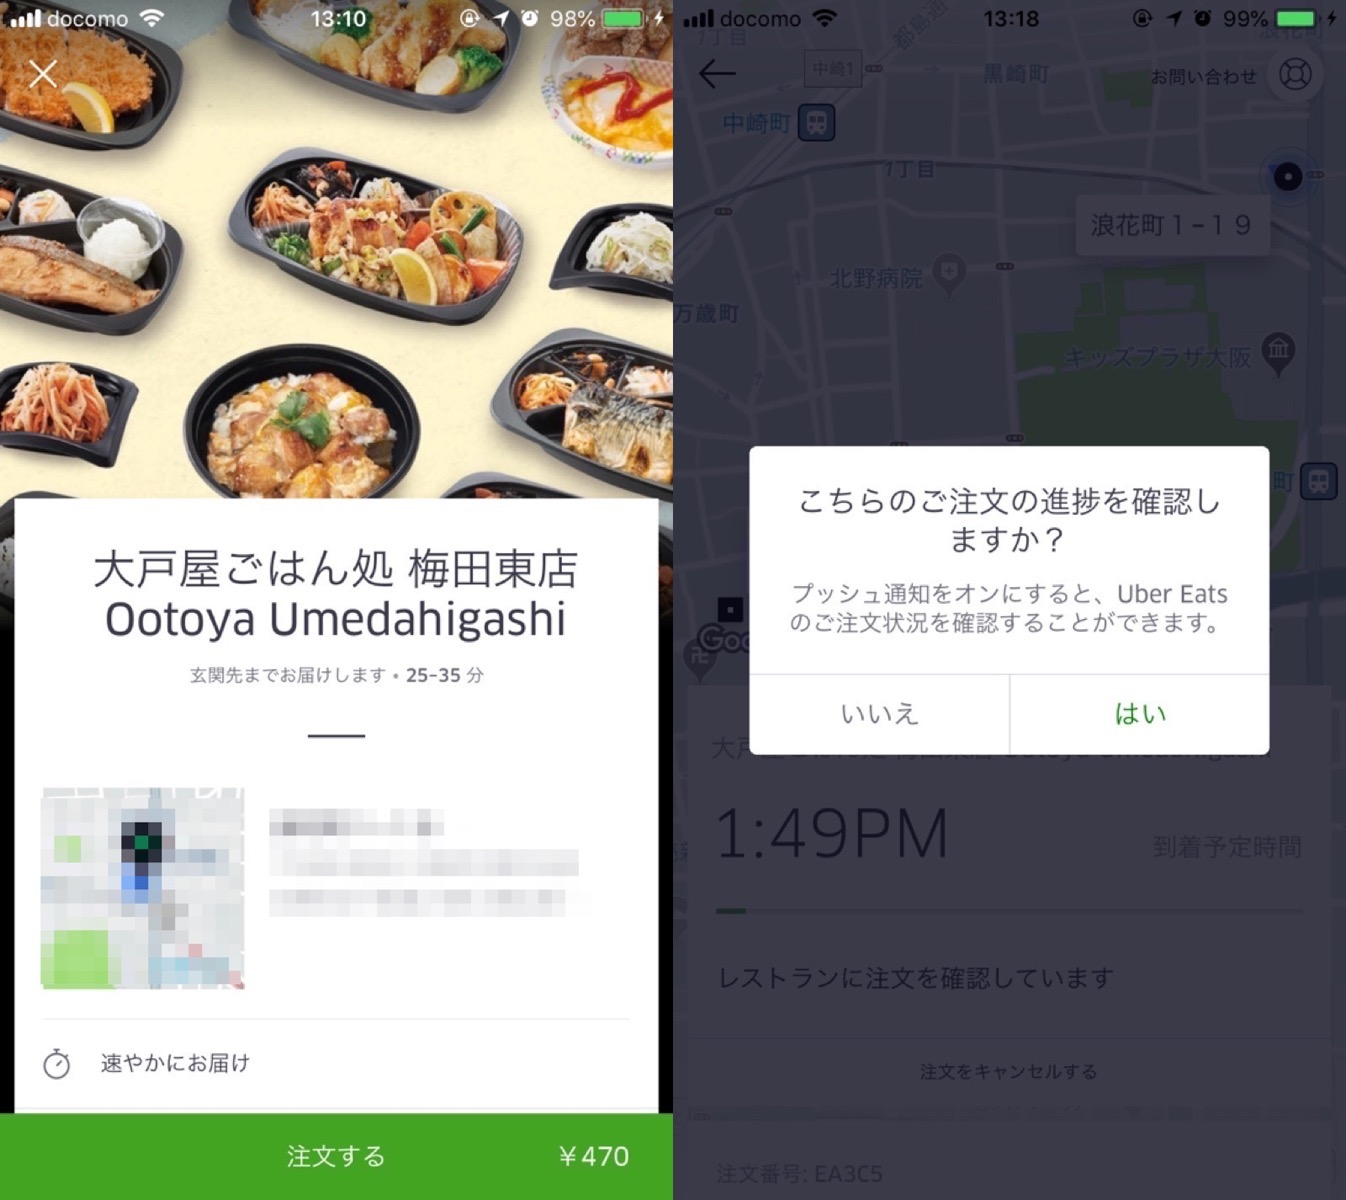 Uber Eats 大阪